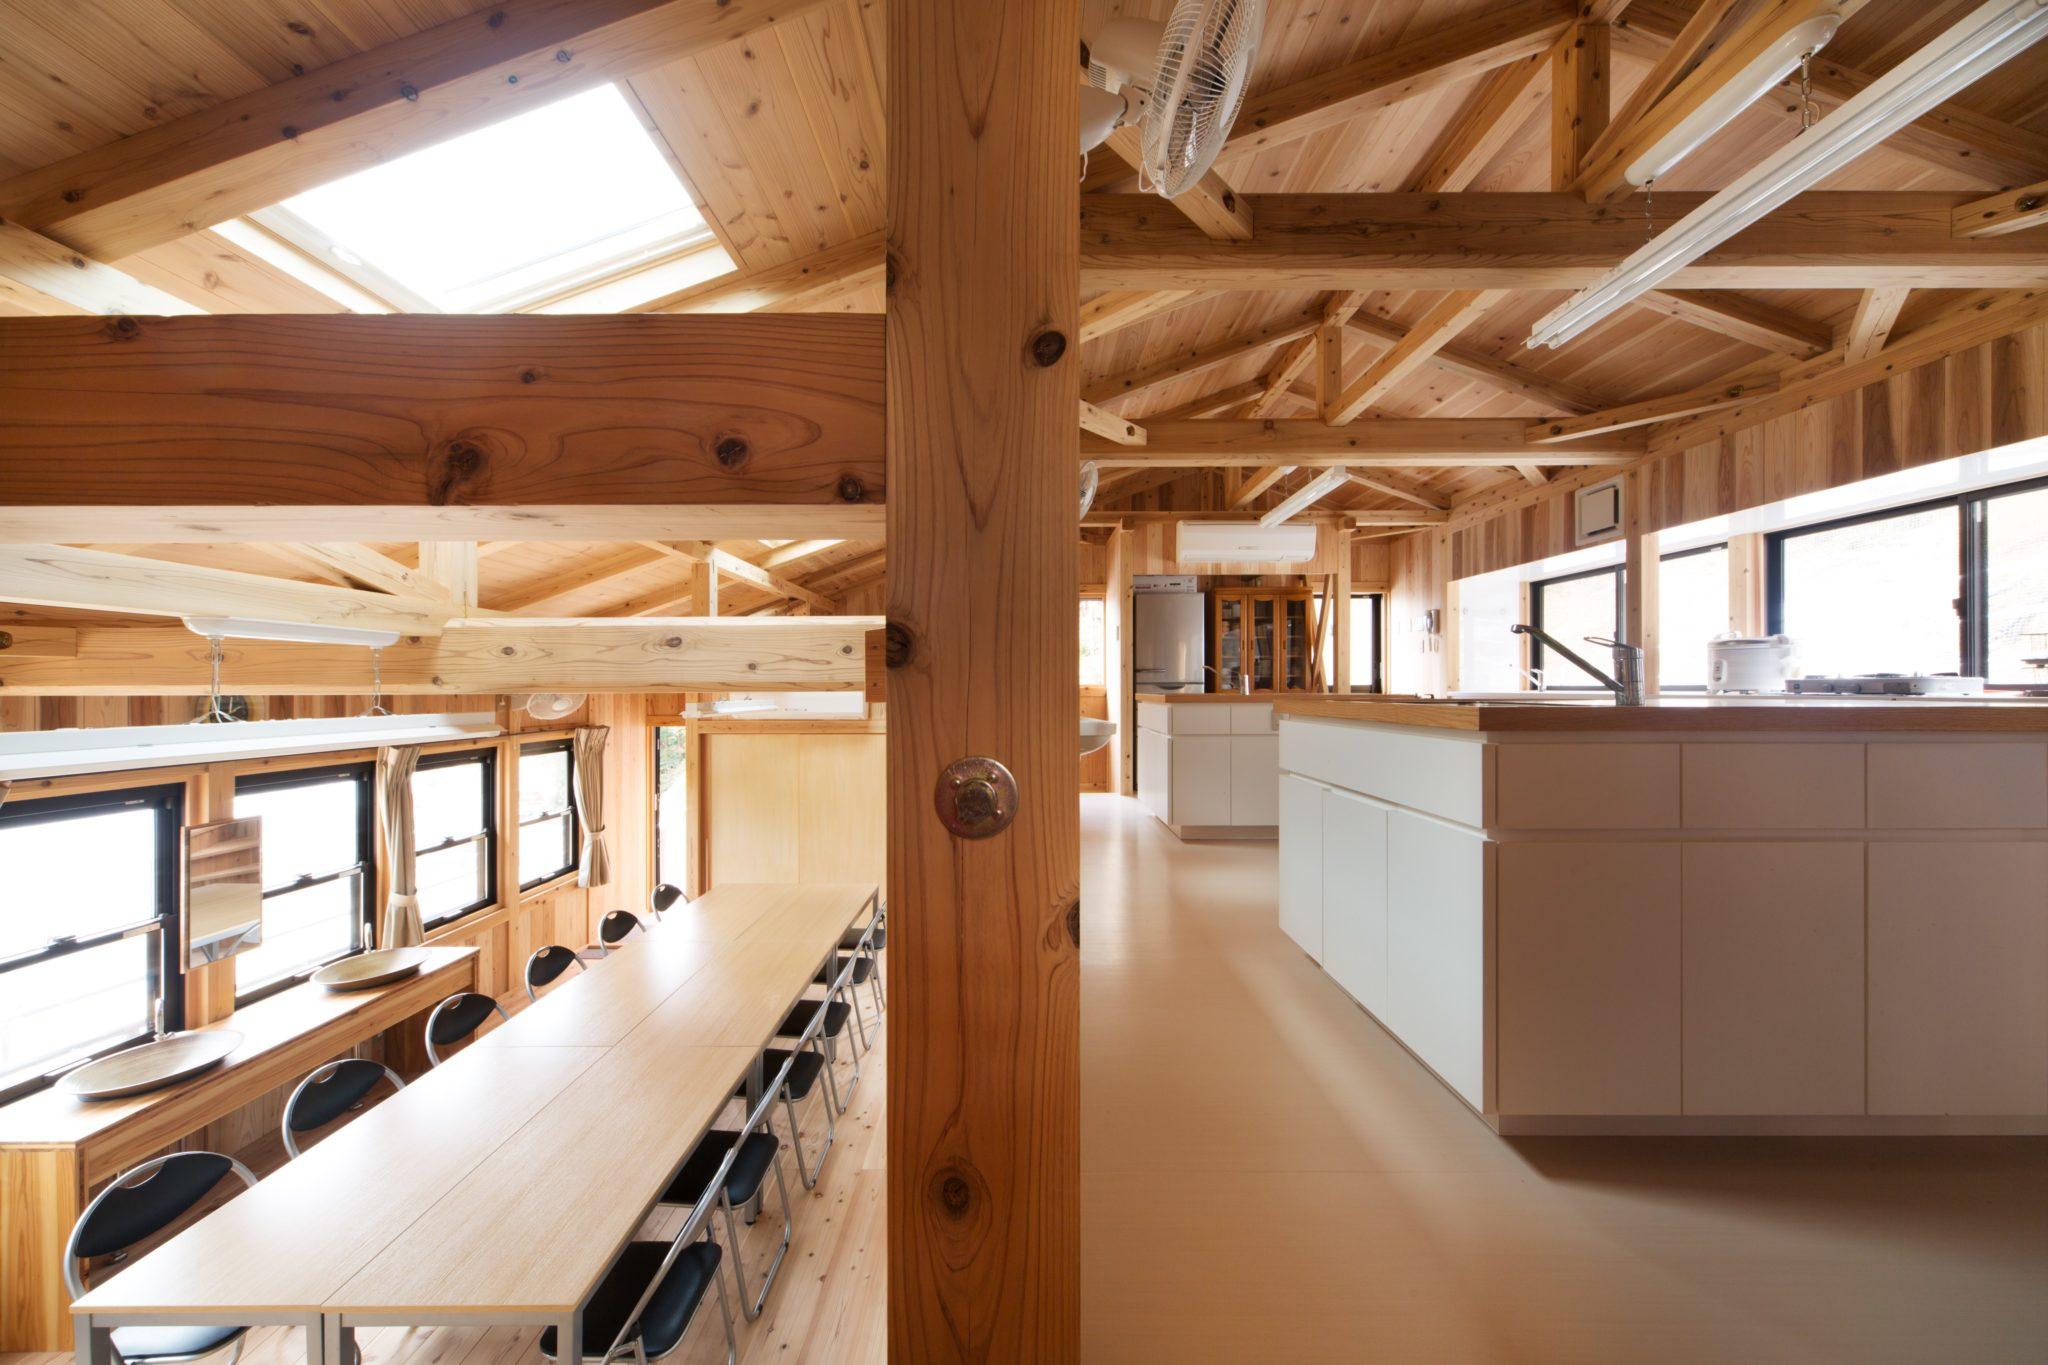 右上が調理実習室 左下は研修室 半階違いでつながって楽しい空間です